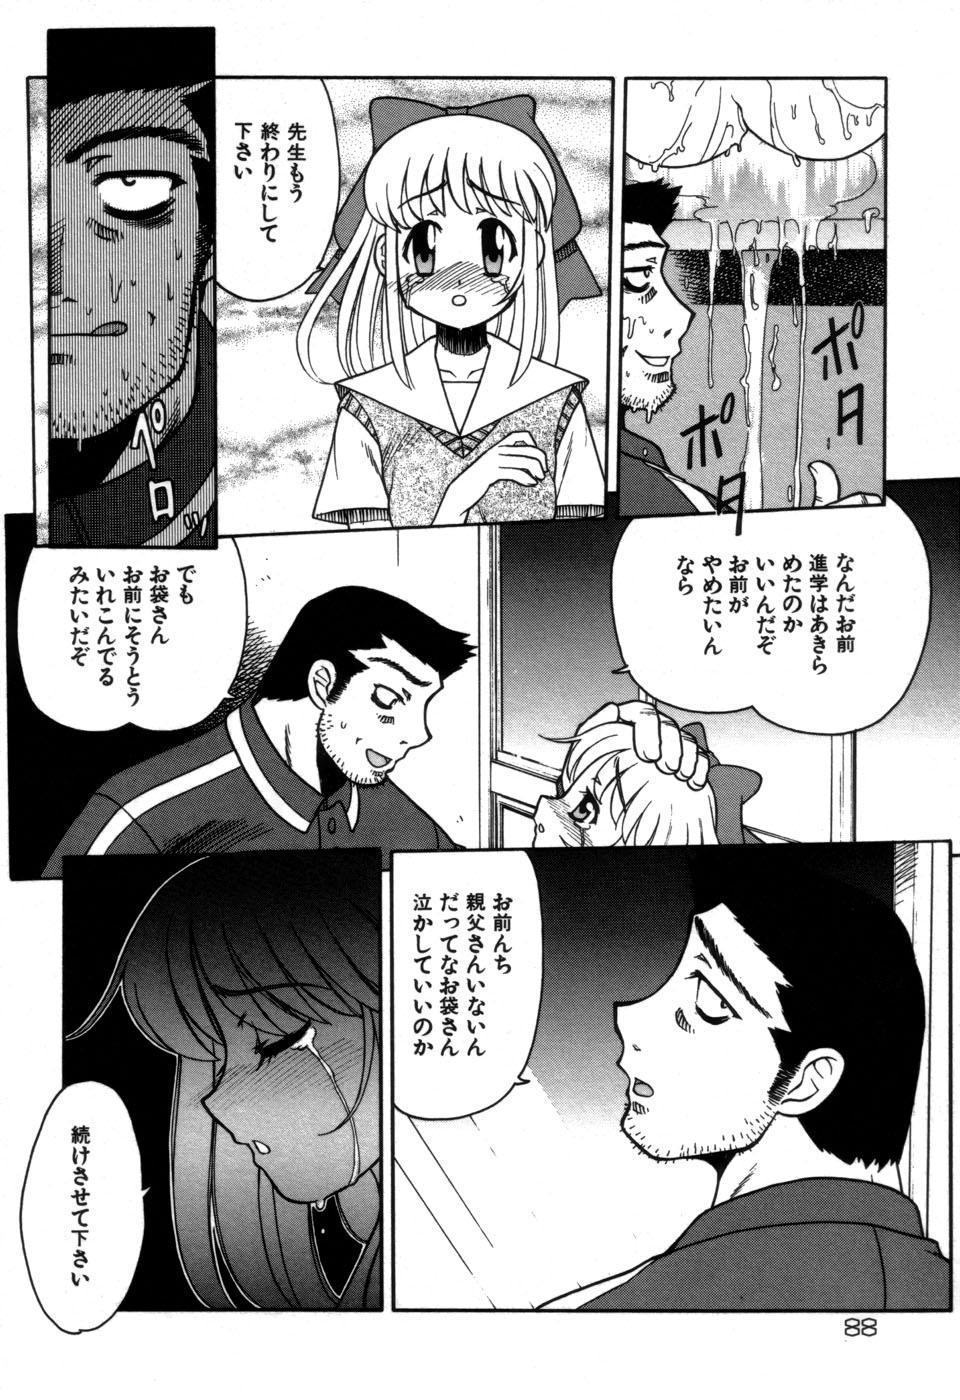 Imouto no Hiasobi 89